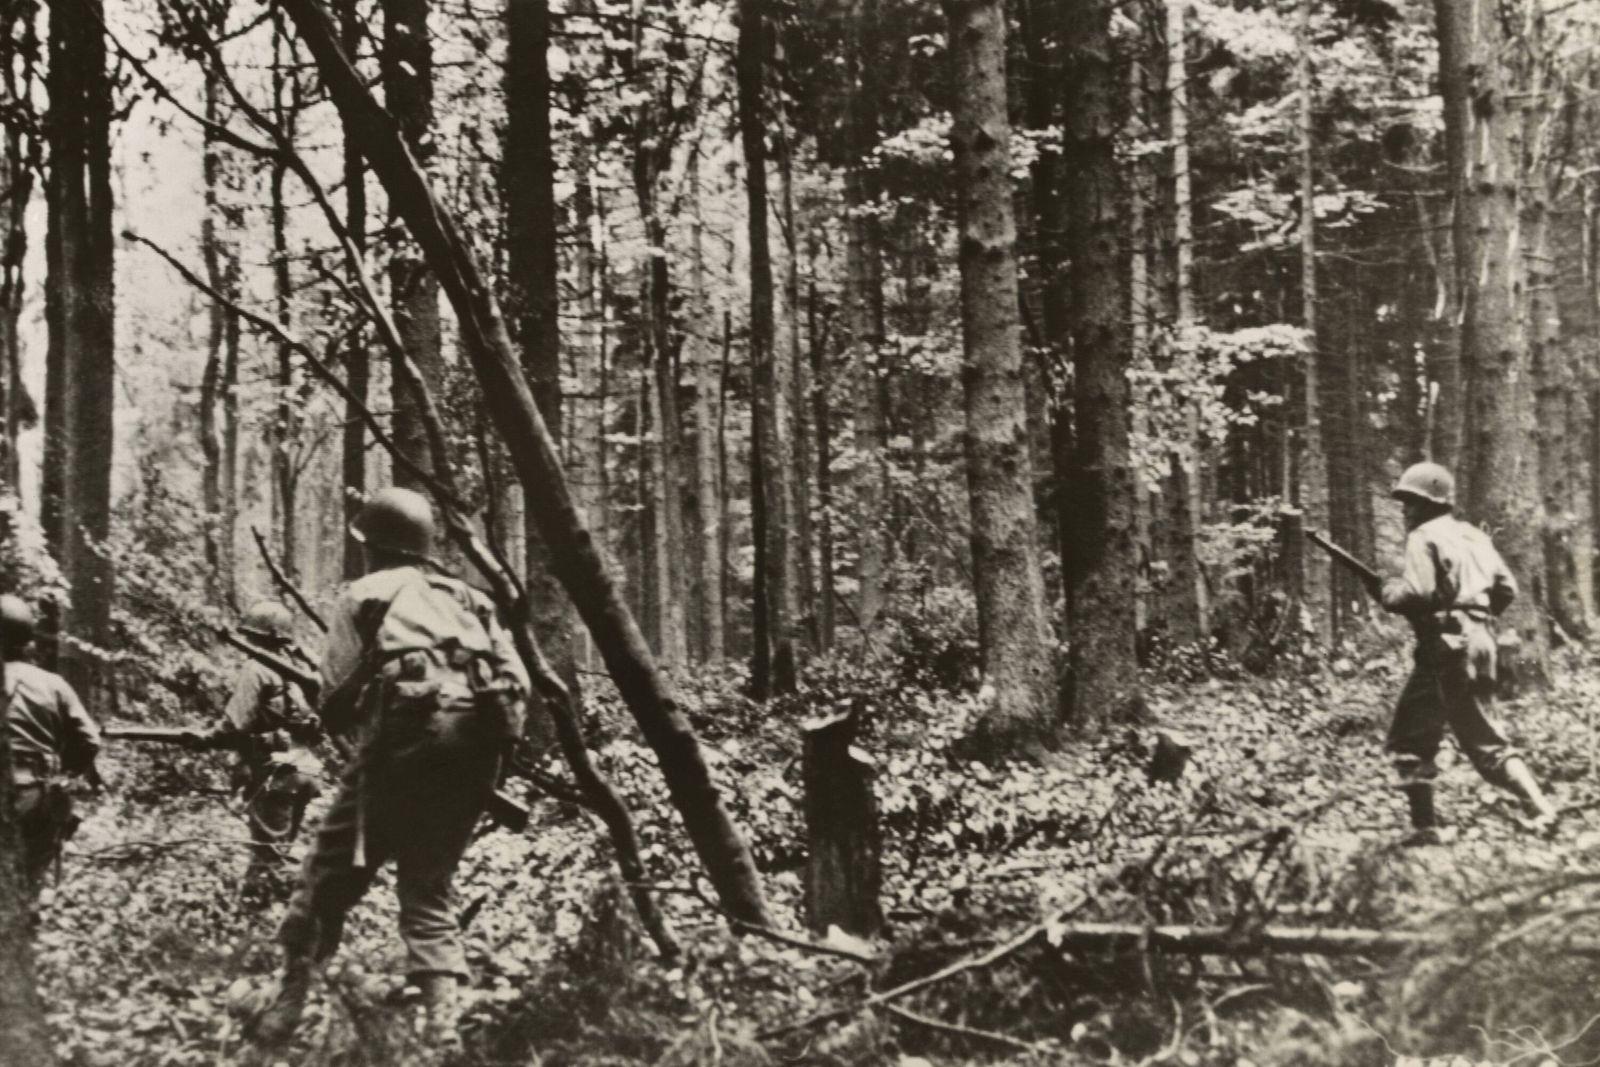 American infantrymen fighting in the German Hurtgen Forest near Vossenack. Nov. 9, 1944. In the Battle of Hurtgen Forest